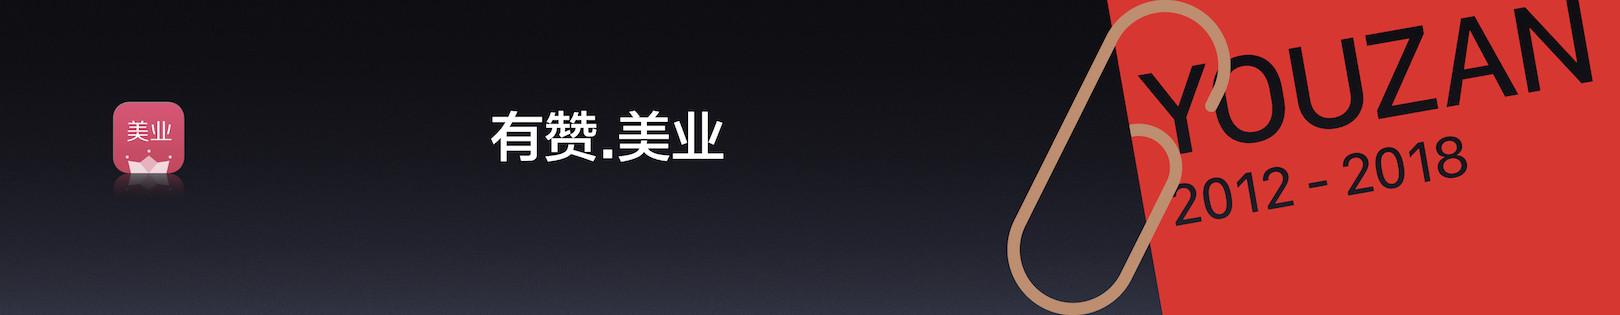 20181127 有赞六周年 - 公开版.143.jpeg